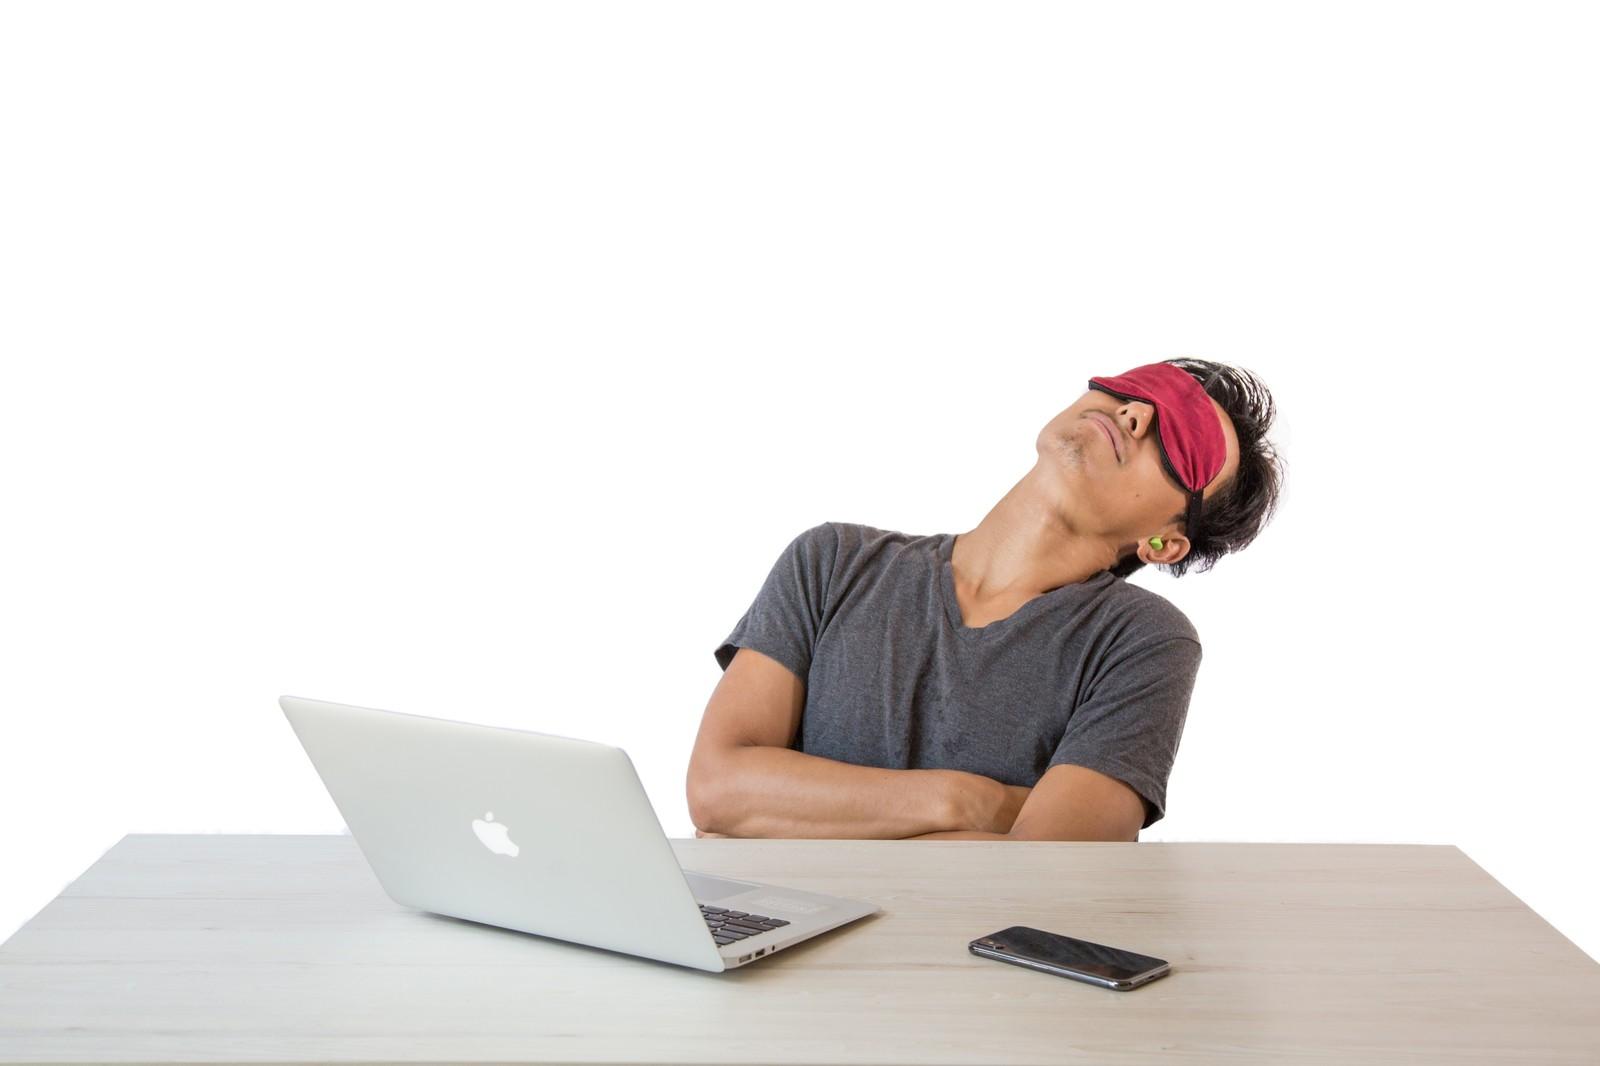 浦安整体日記-14診目-「長時間パソコン作業すると睡眠の質って落ちるんですか?」40代男性:不眠症状